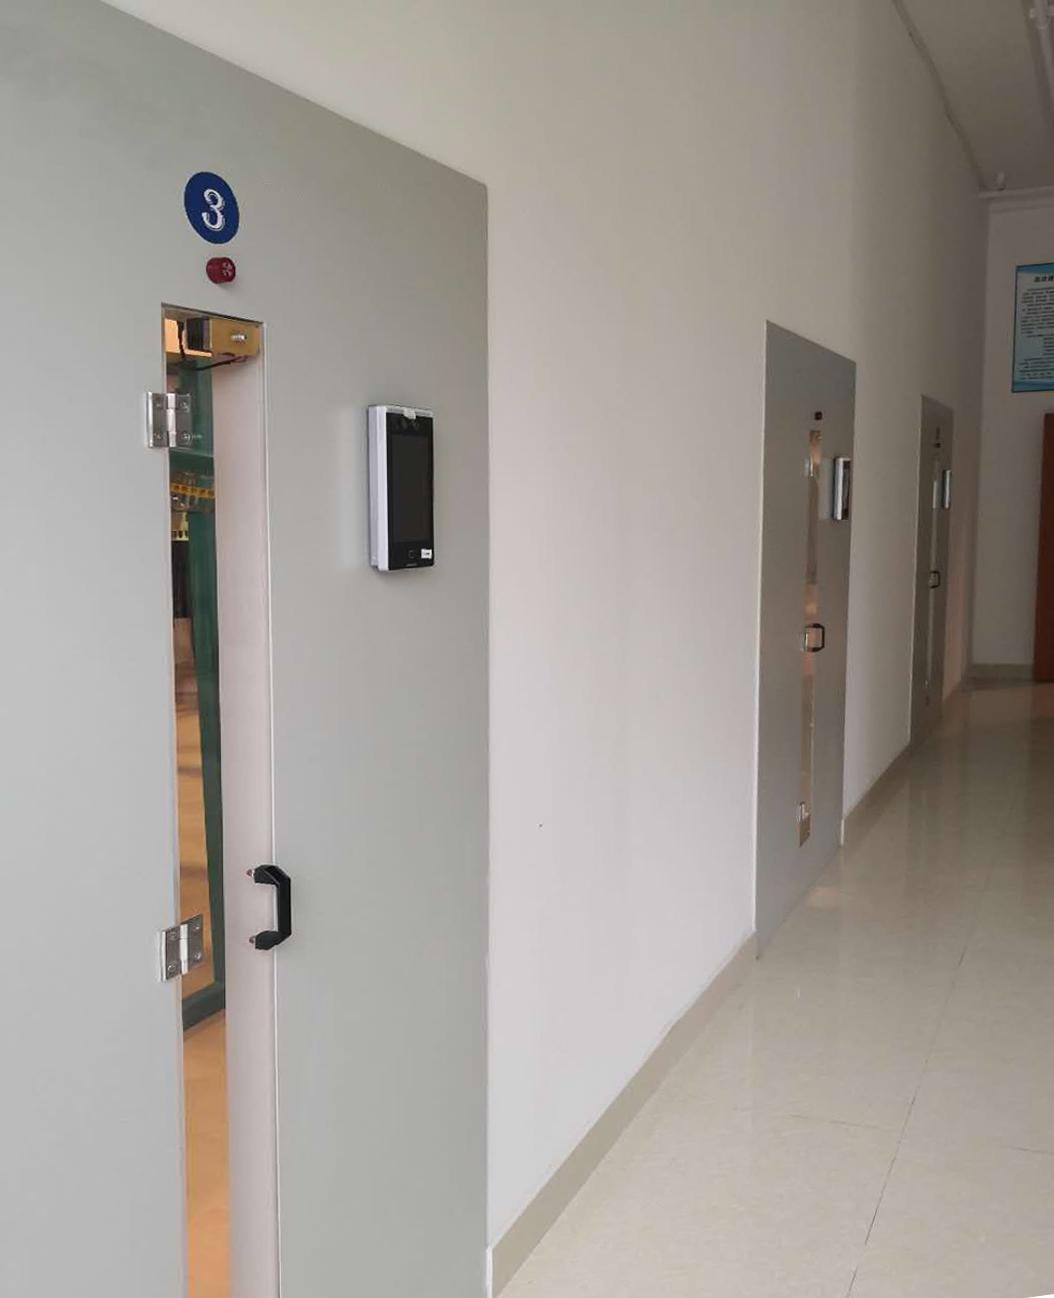 face recognition automatic uniform system door